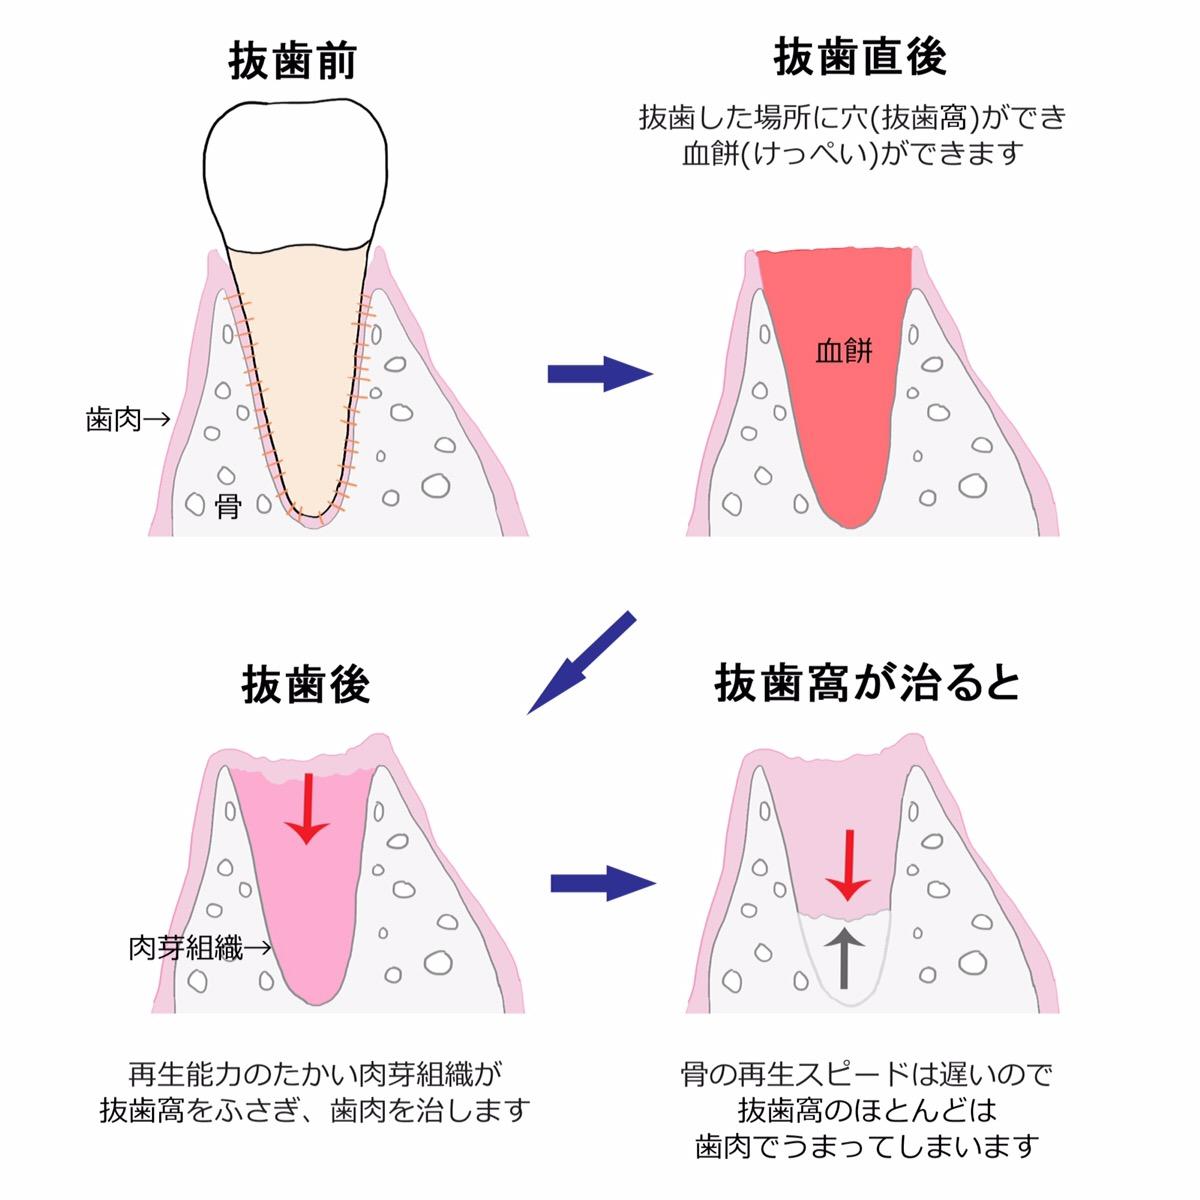 抜歯窩治癒